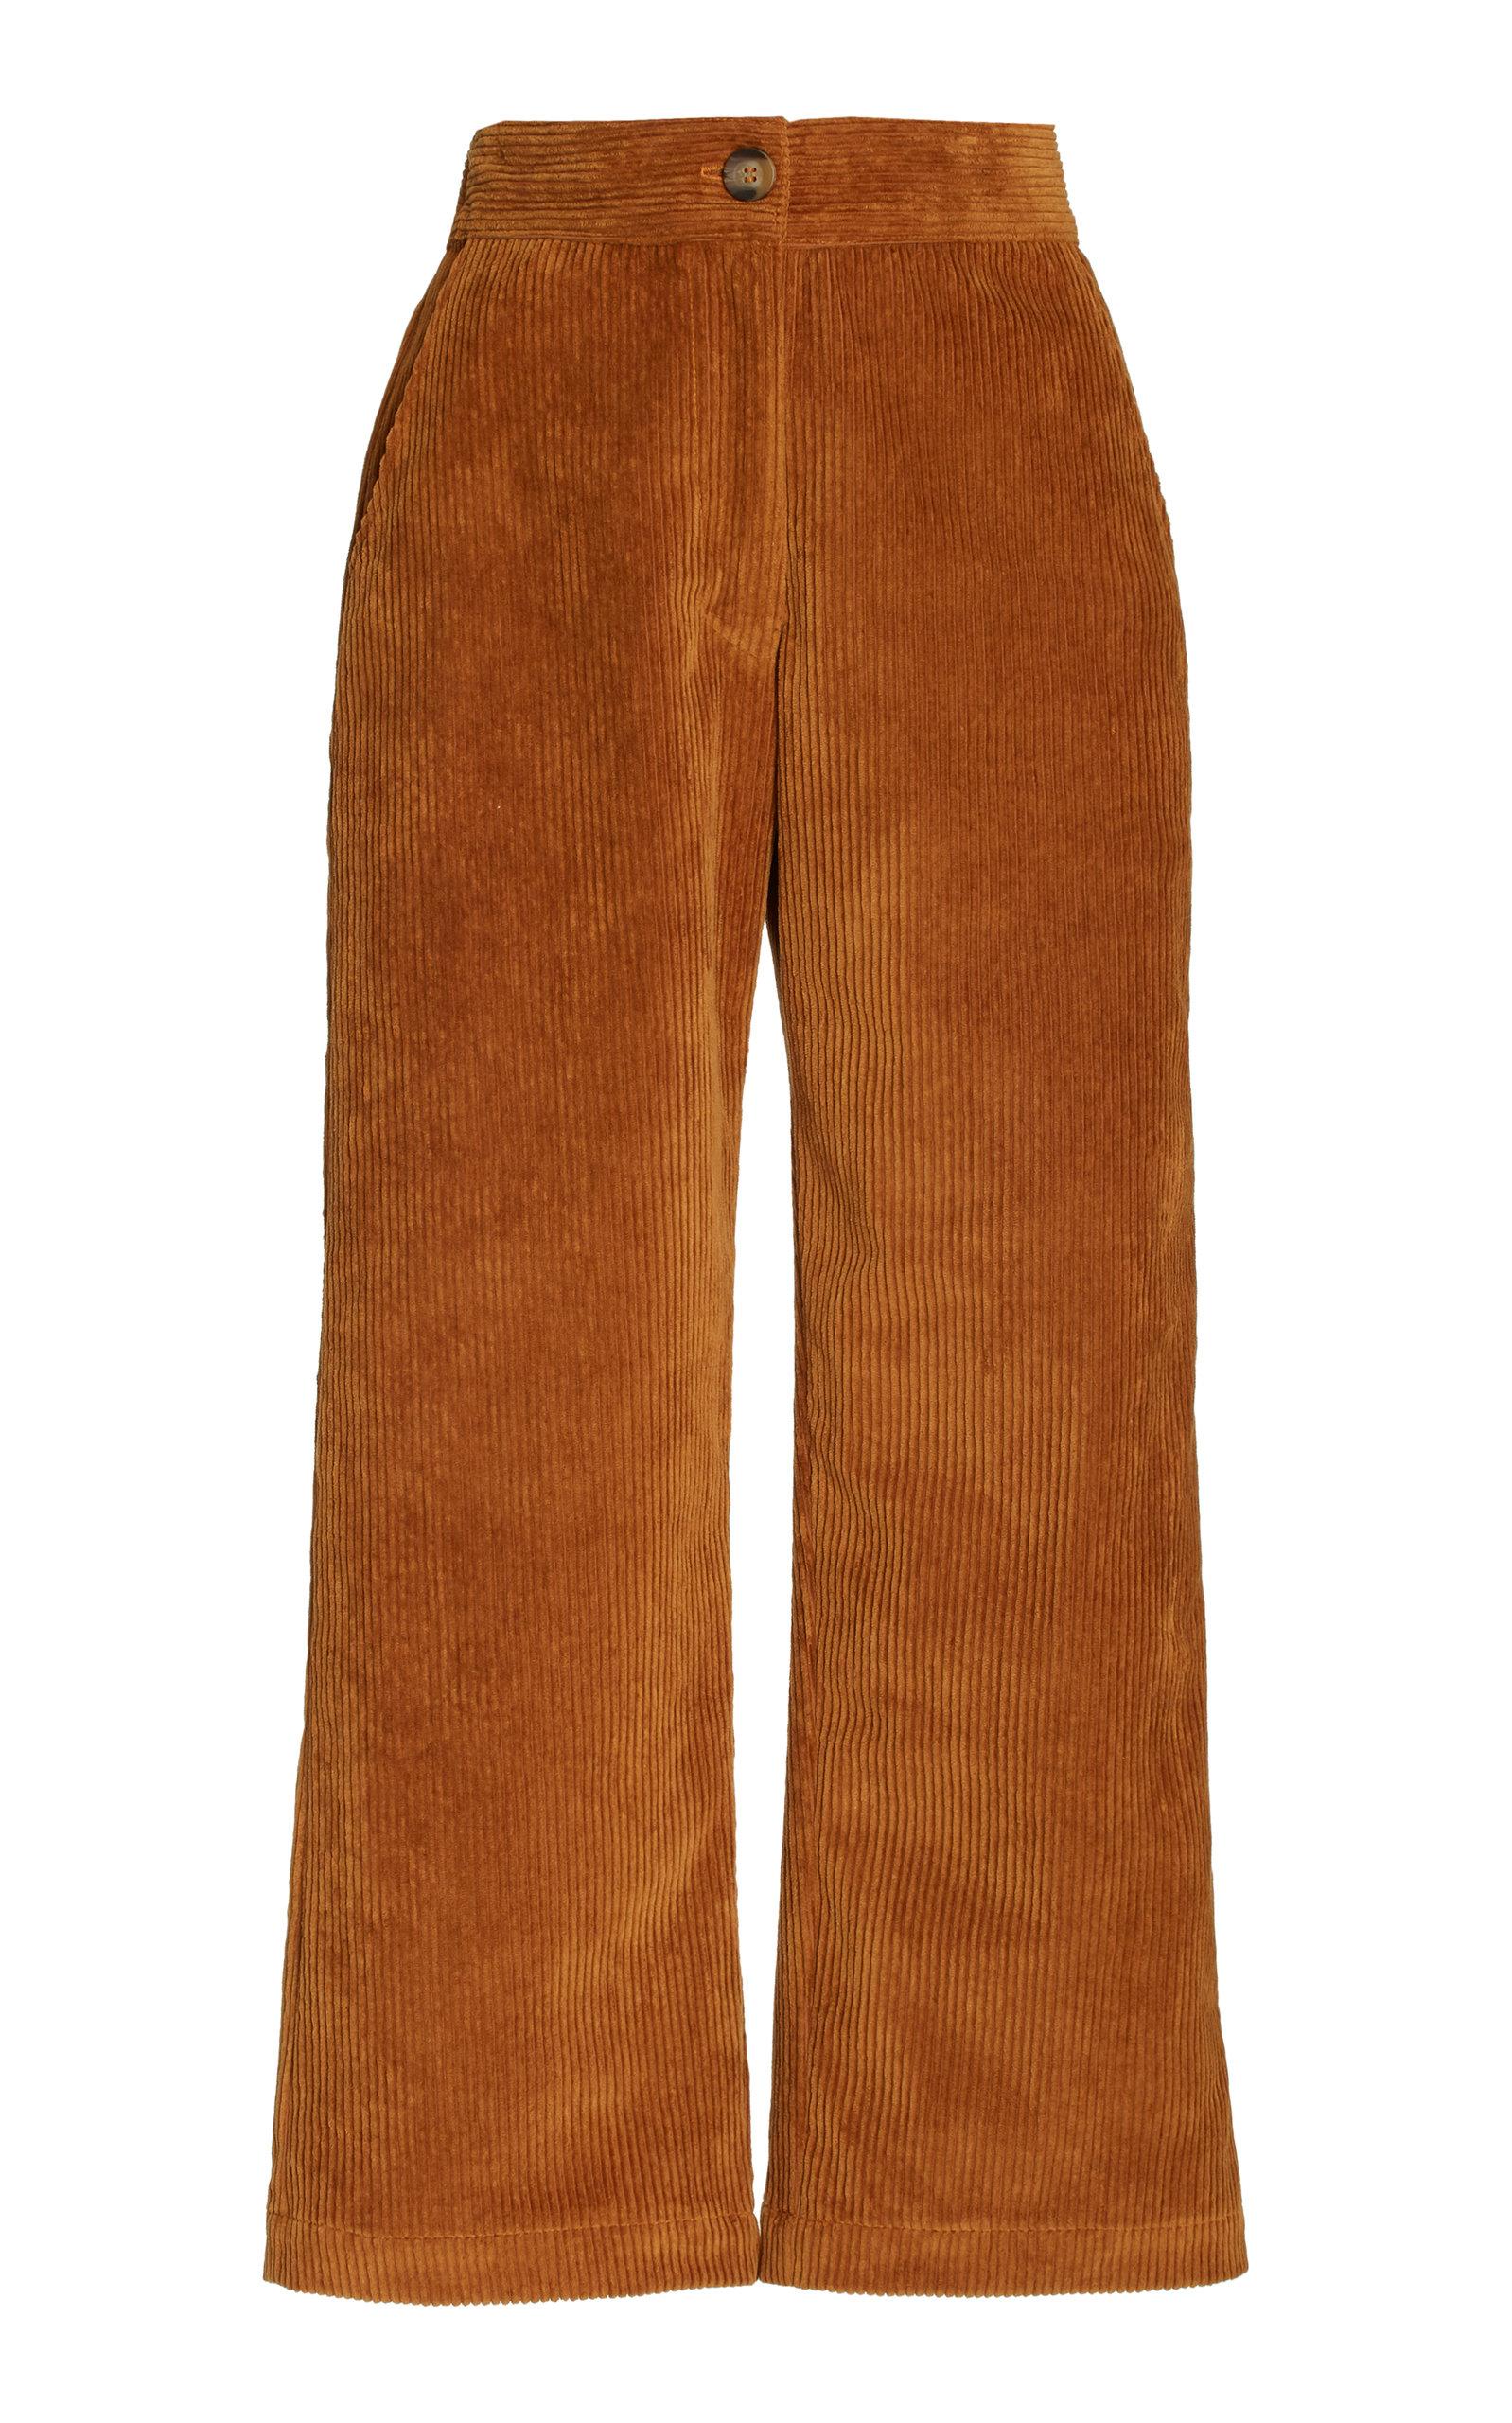 Women's Pietro Corduroy Culotte Pants